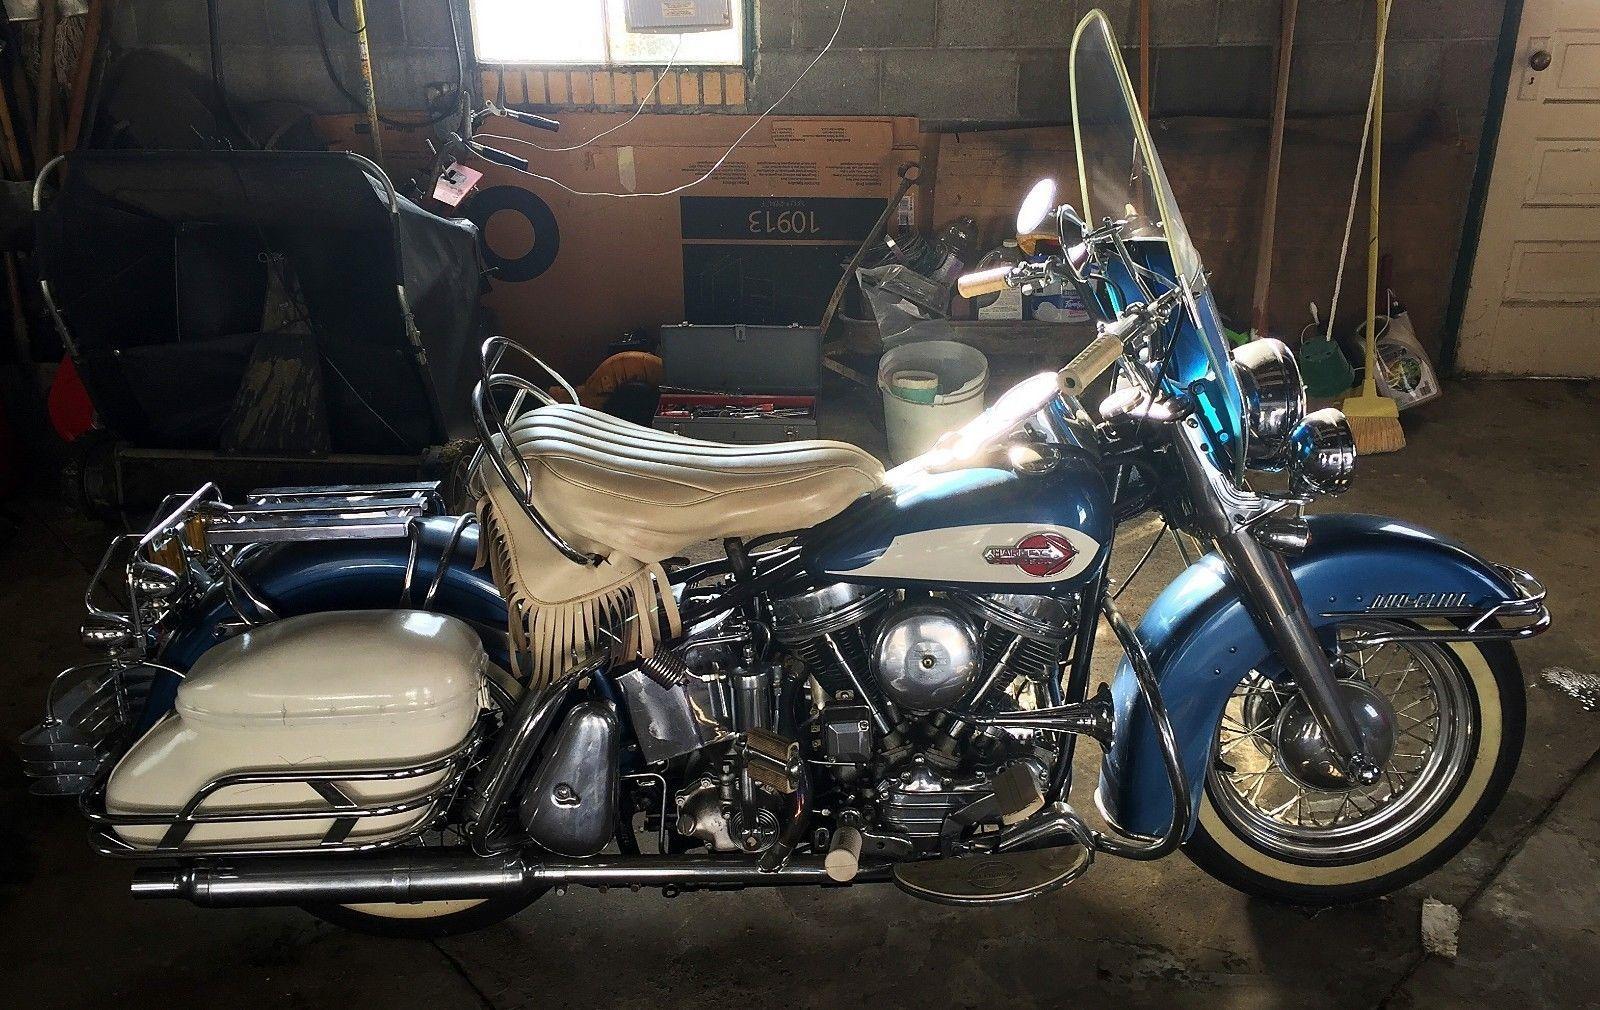 Ebay Motors Motorcycles >> 1959 Harley Davidson Flhf Panhead In Ebay Motors Motorcycles